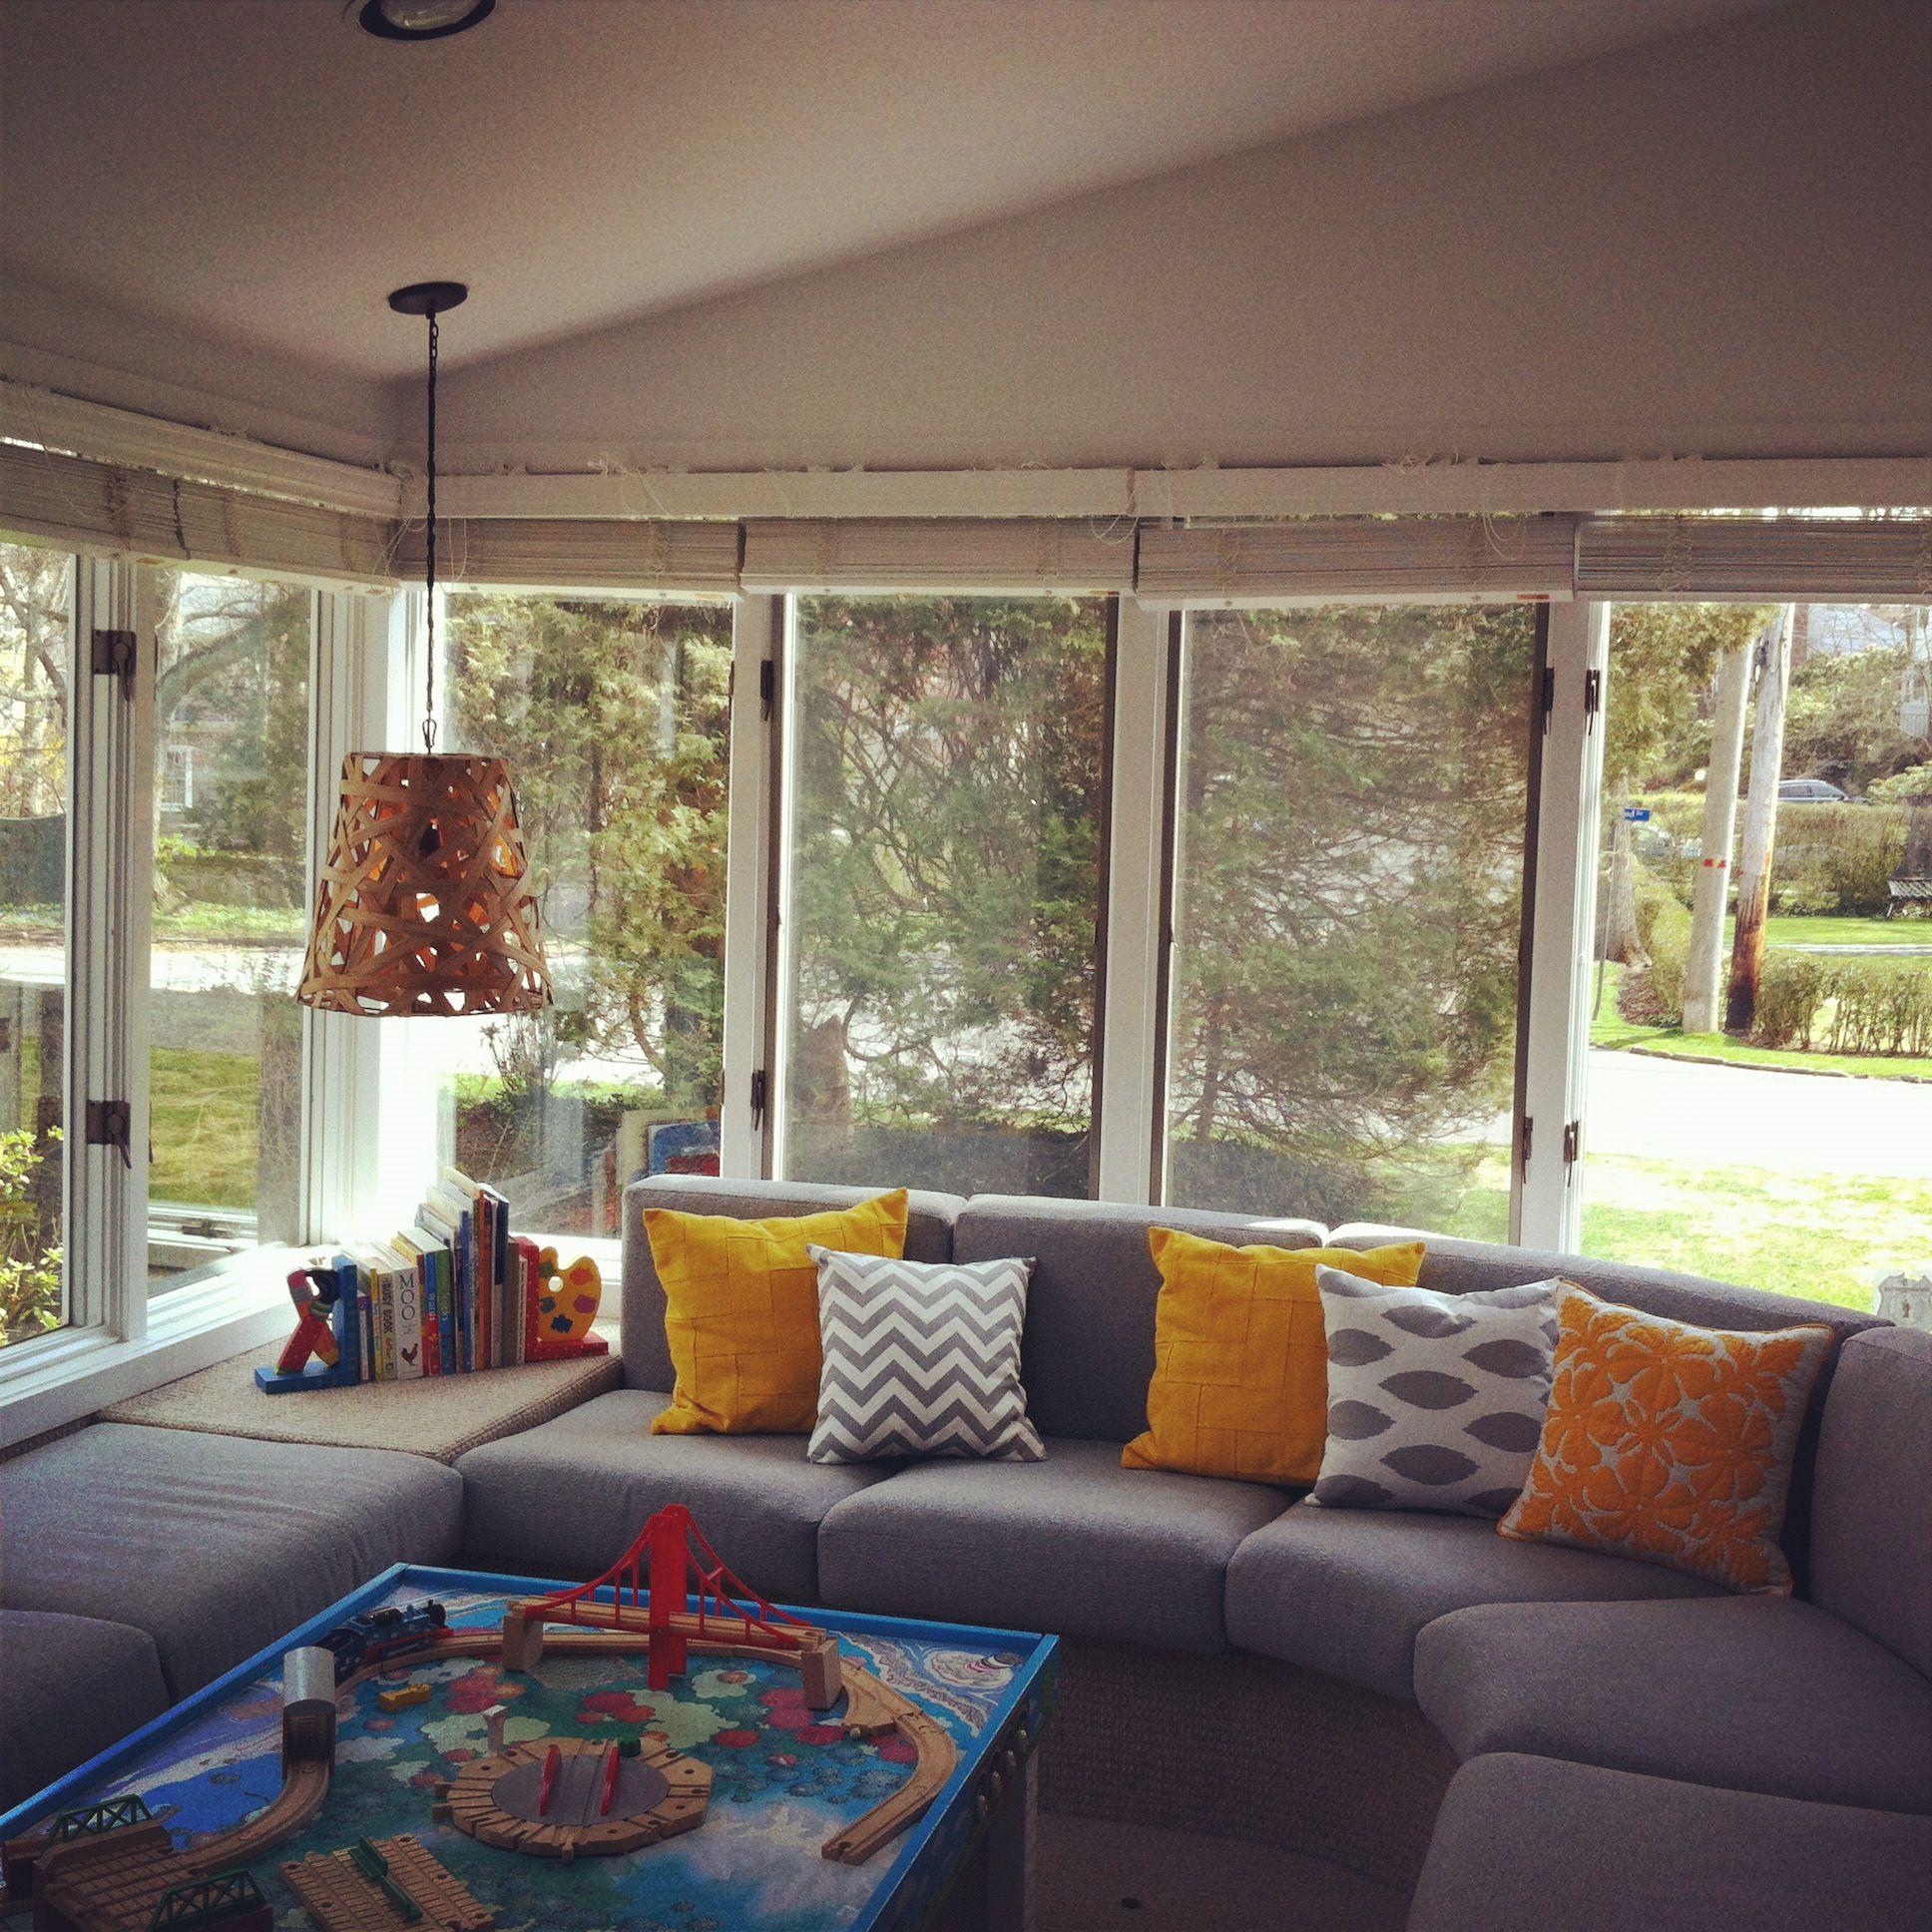 Wundervoll Sunroom Dekorieren Ideen Und Möbel Sets Ihr Sunroom Ideas Ist Ein  Einmalige Und Mehr Als